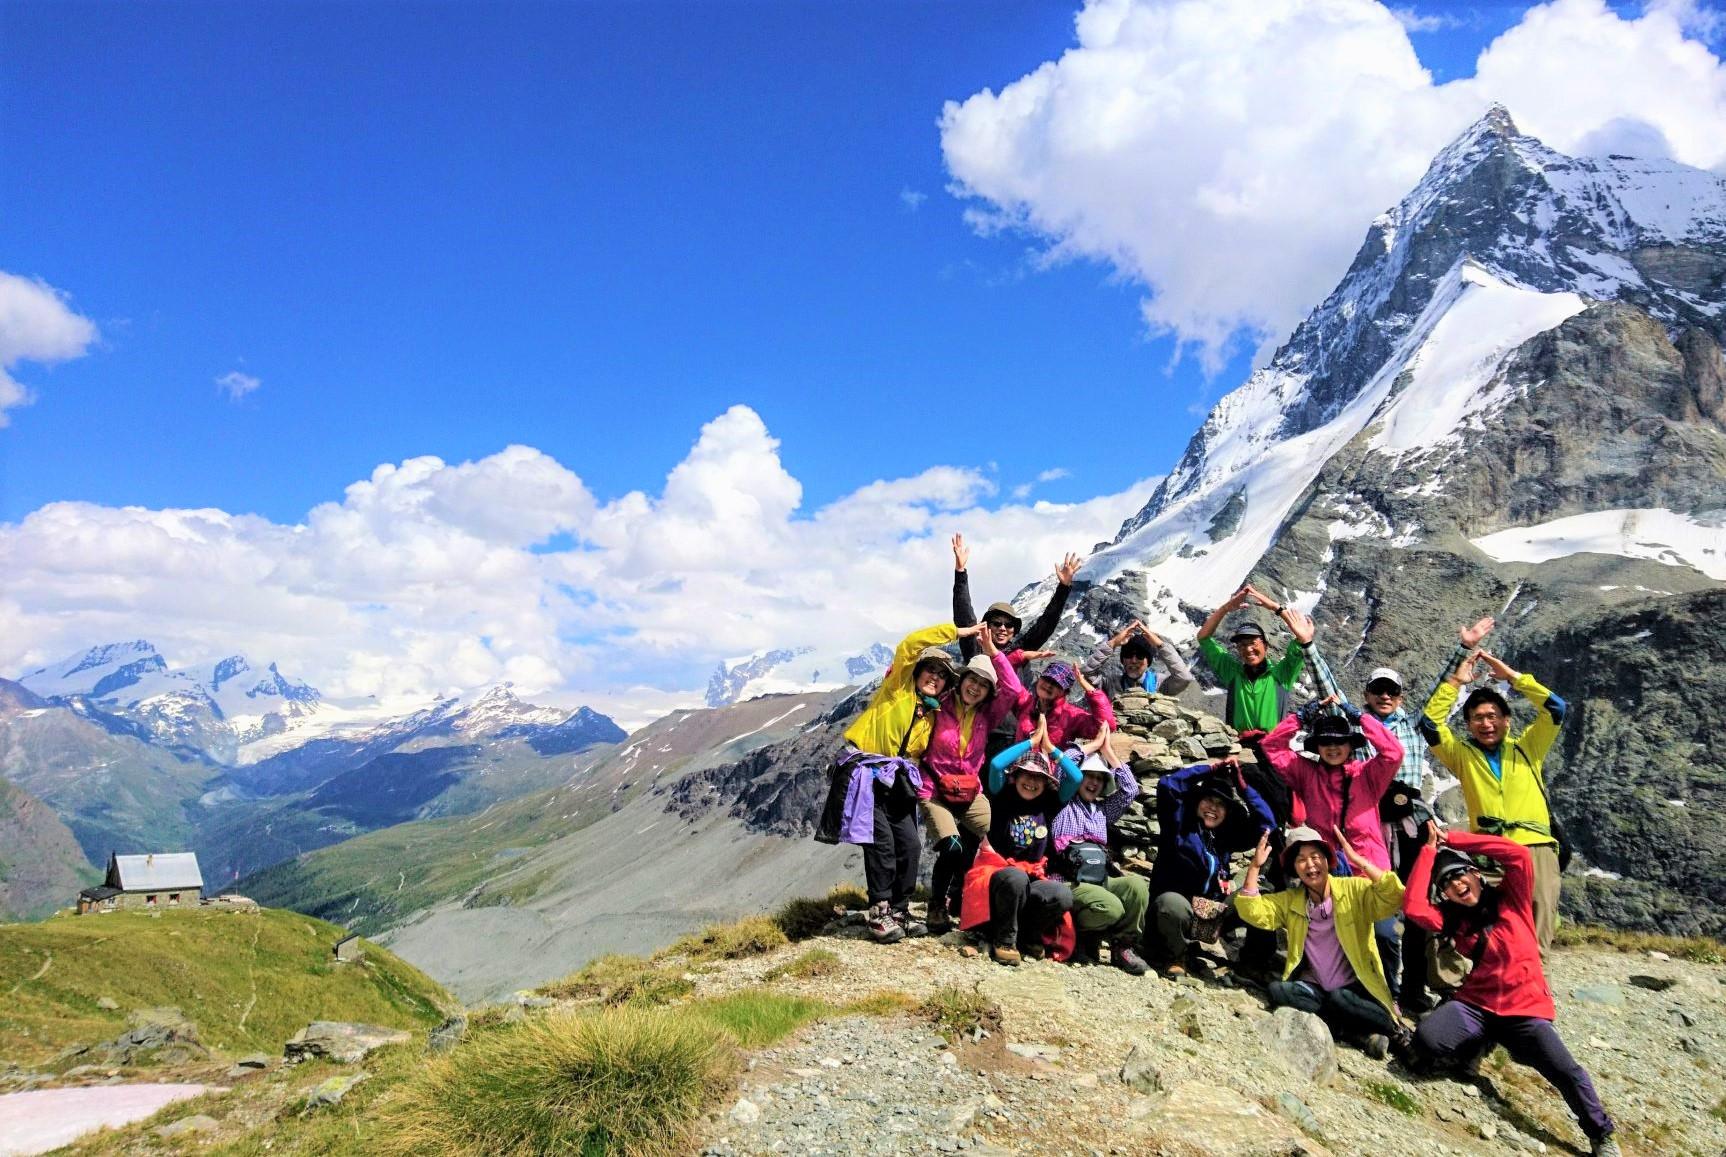 【大募集中】9月5日出発 スイス絶景の3つの山小屋トレッキング 9日間